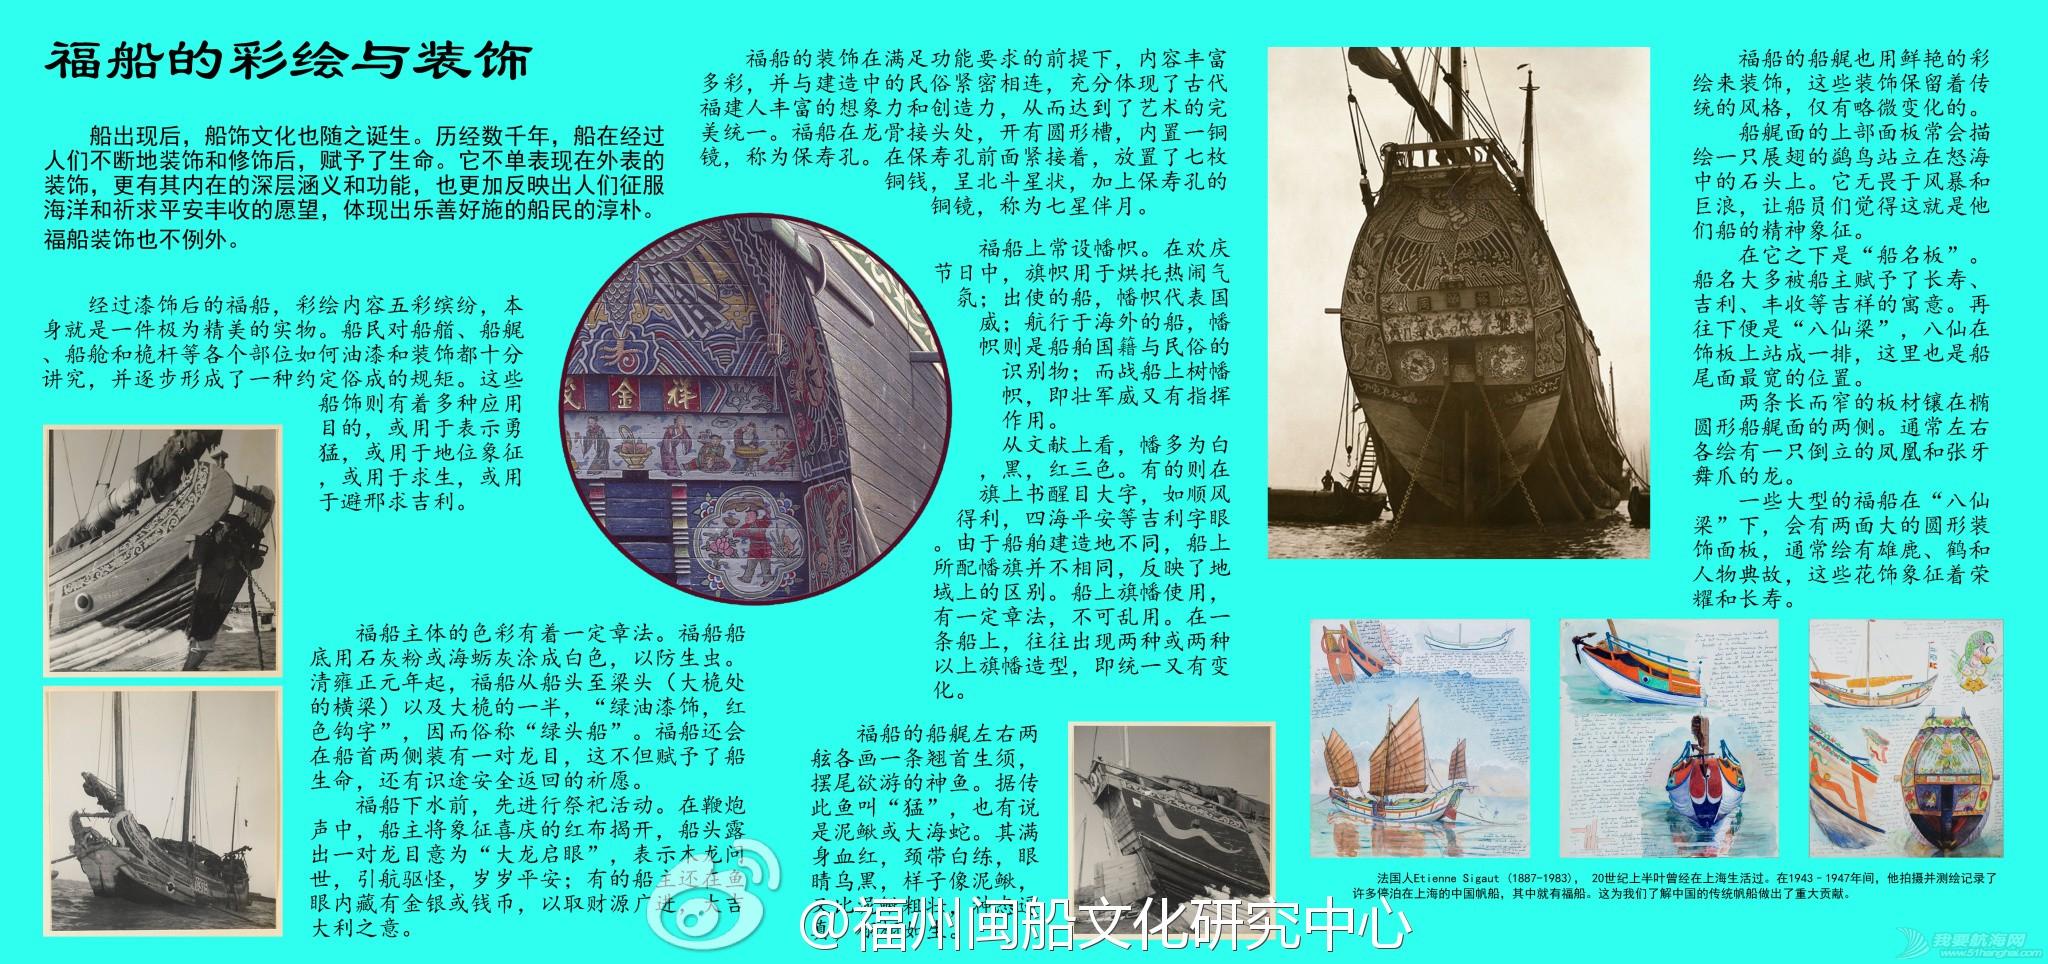 """转发许路先生的《福州运木船与""""花屁股""""(中译稿)》 69606b4agw1dwwerakdl1j.jpg"""